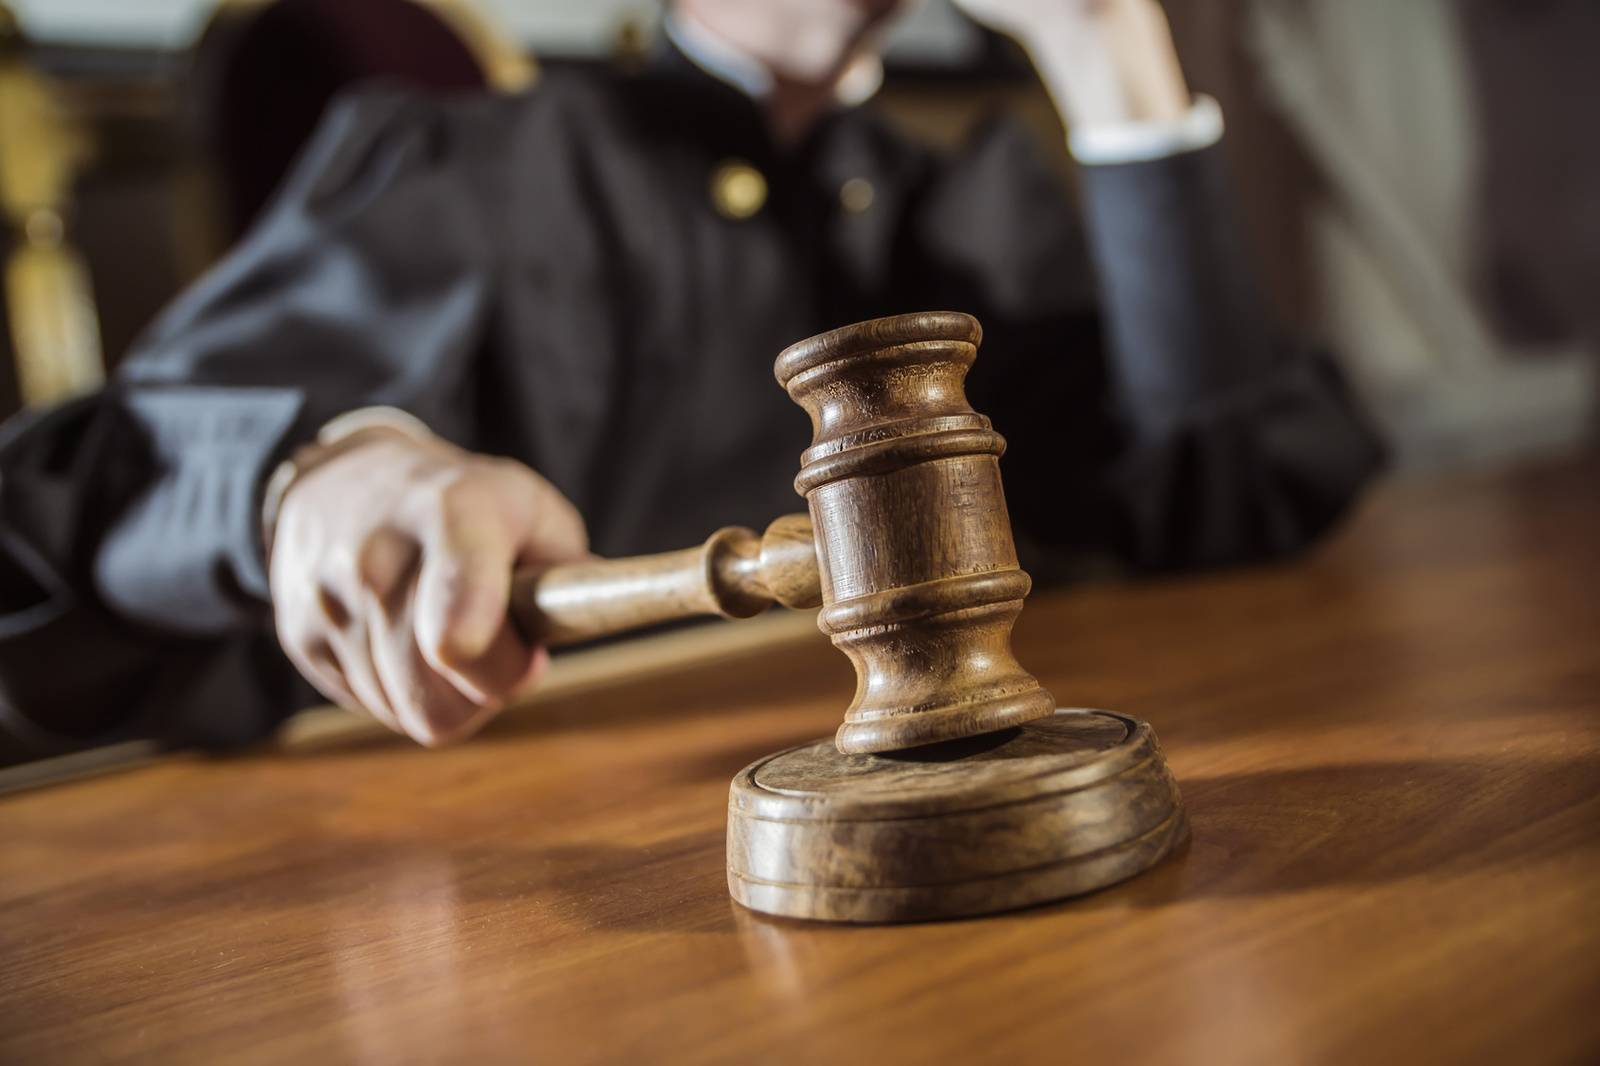 Суд изменил меру пресечения учредителю ритуального бизнеса